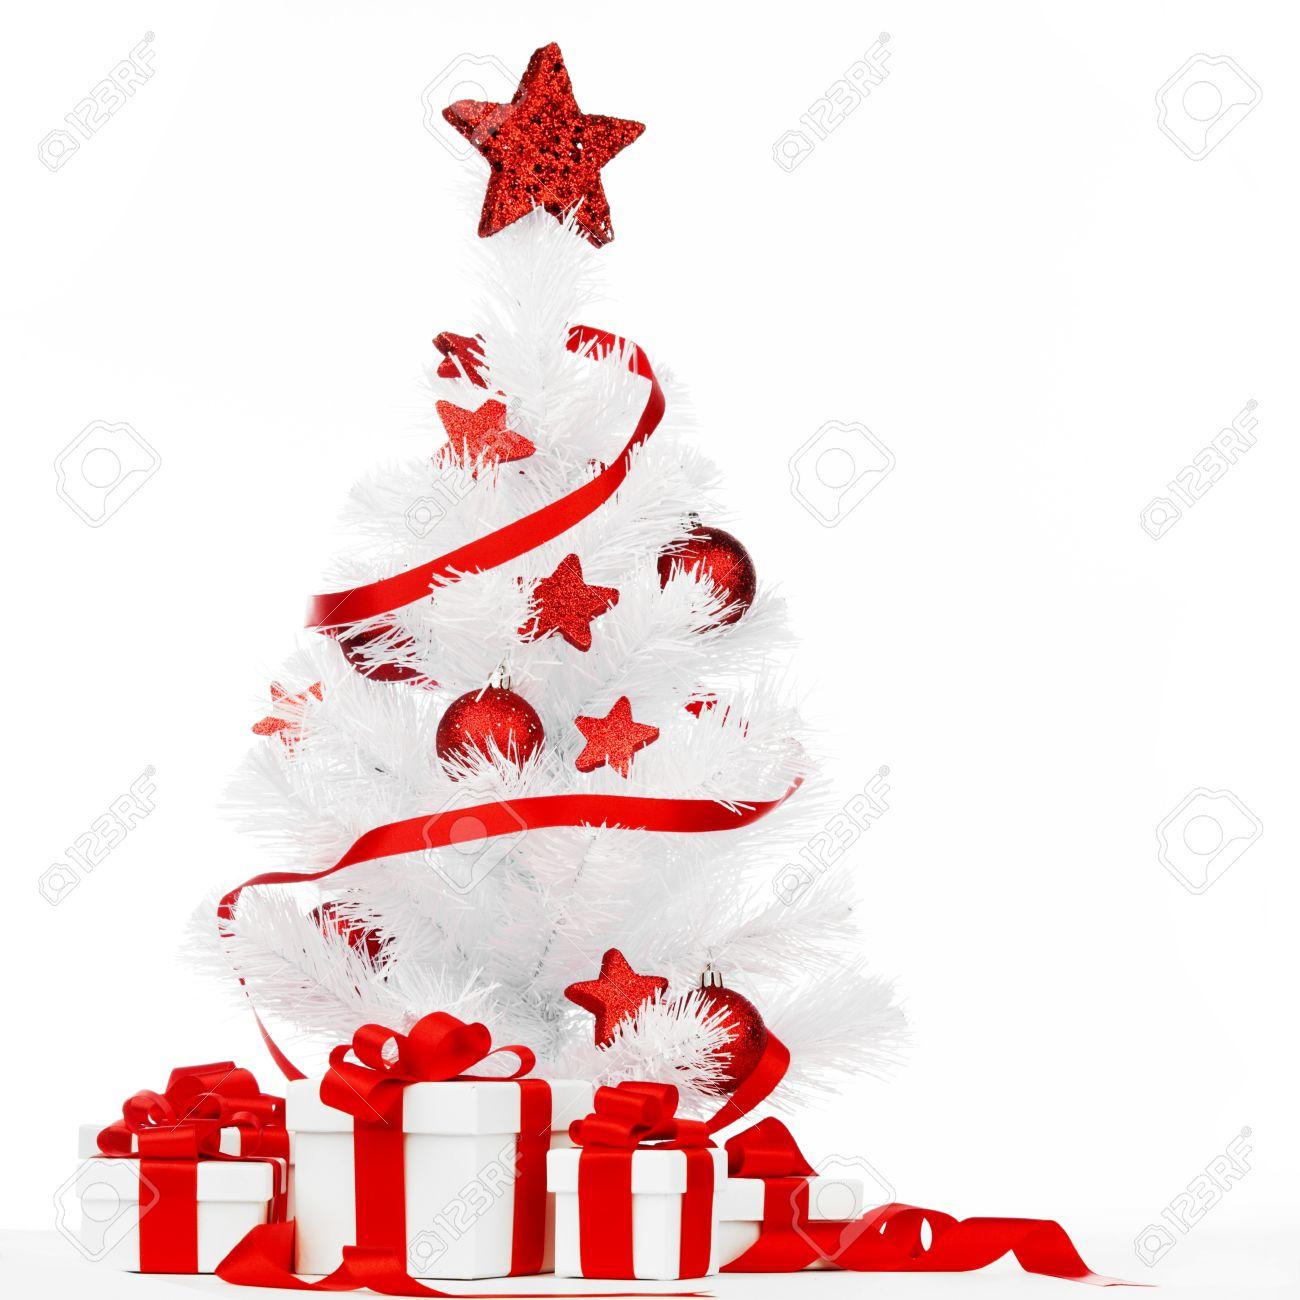 foto de archivo rbol de navidad blanco con adornos de color rojo y presenta aislado en fondo blanco